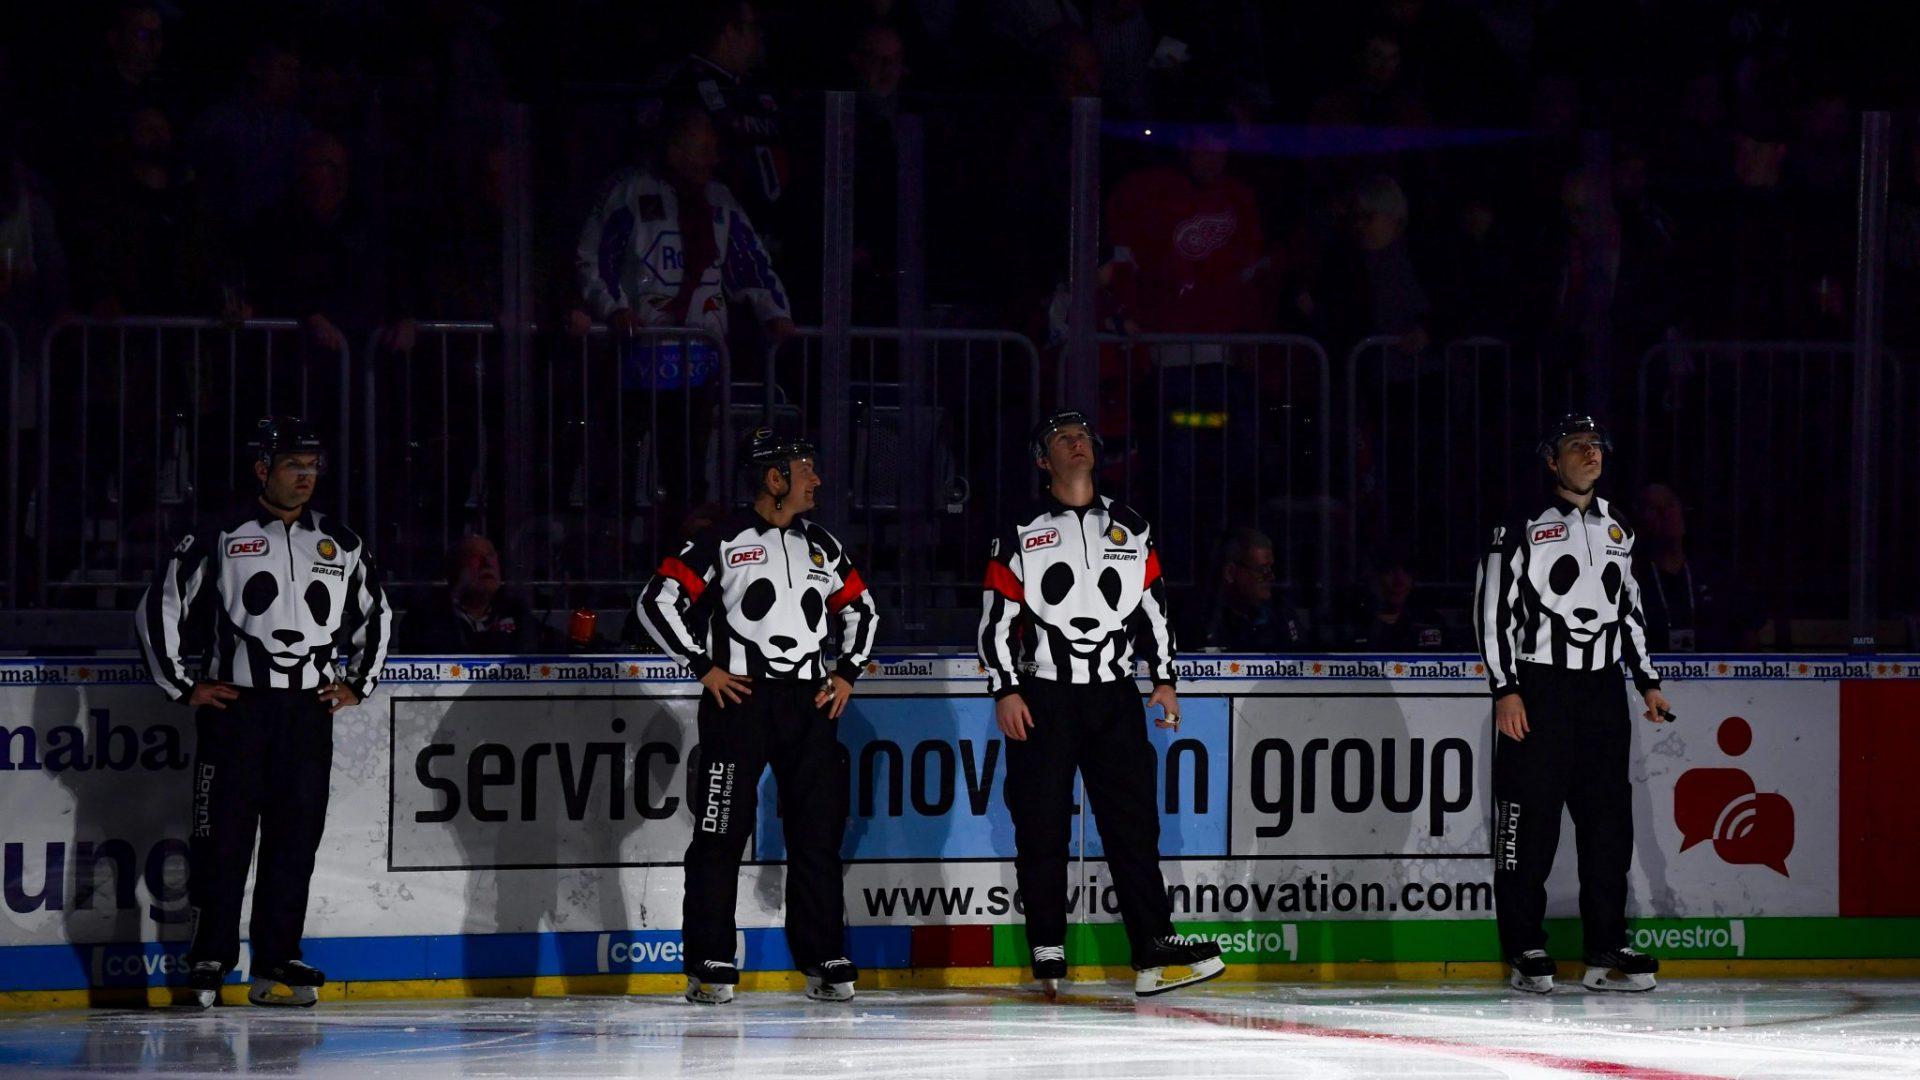 Die Eishockey-Schiedsrichter der DEL gehören künftig zum Team-Artenschutz. © City Press